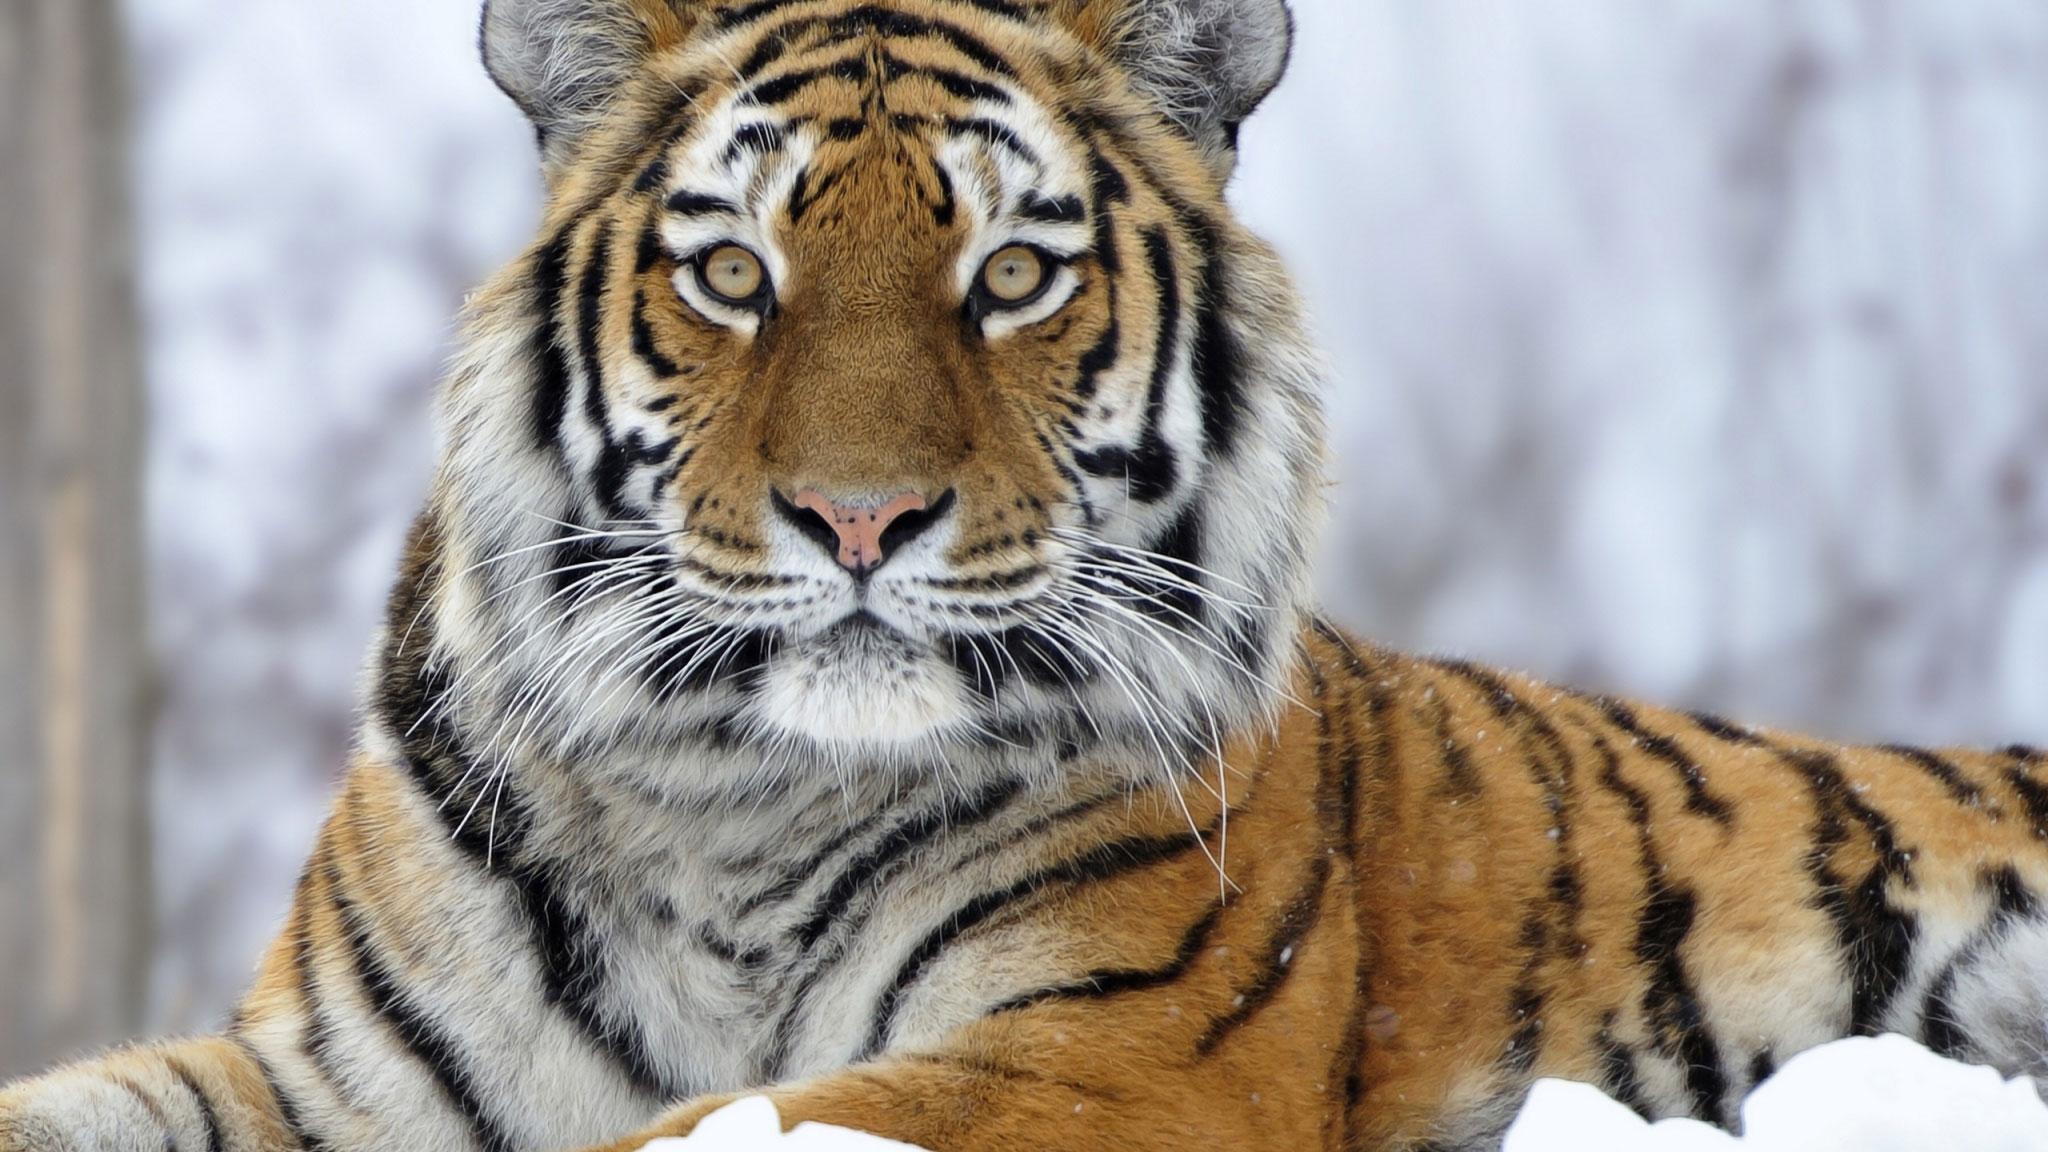 Картинка на рабочий стол тигр (19)